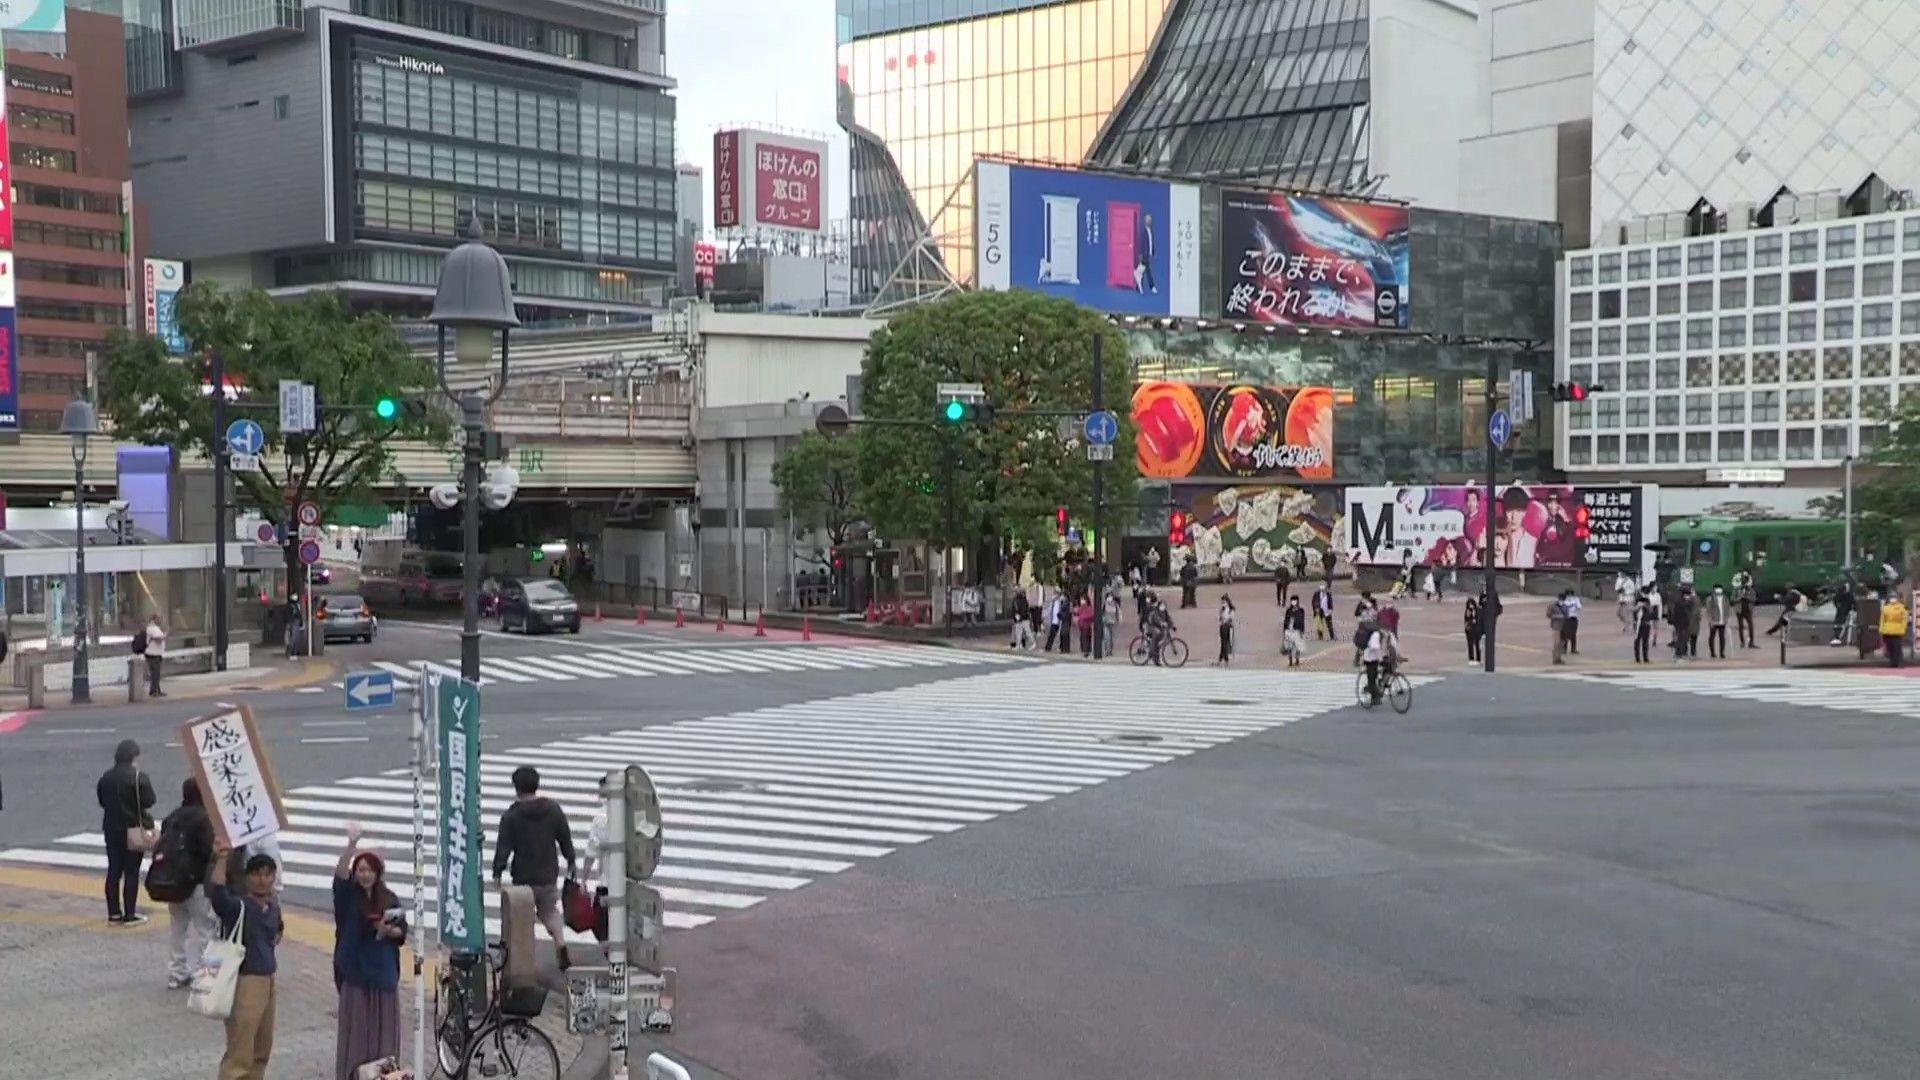 ライブ 渋谷 カメラ スクランブル